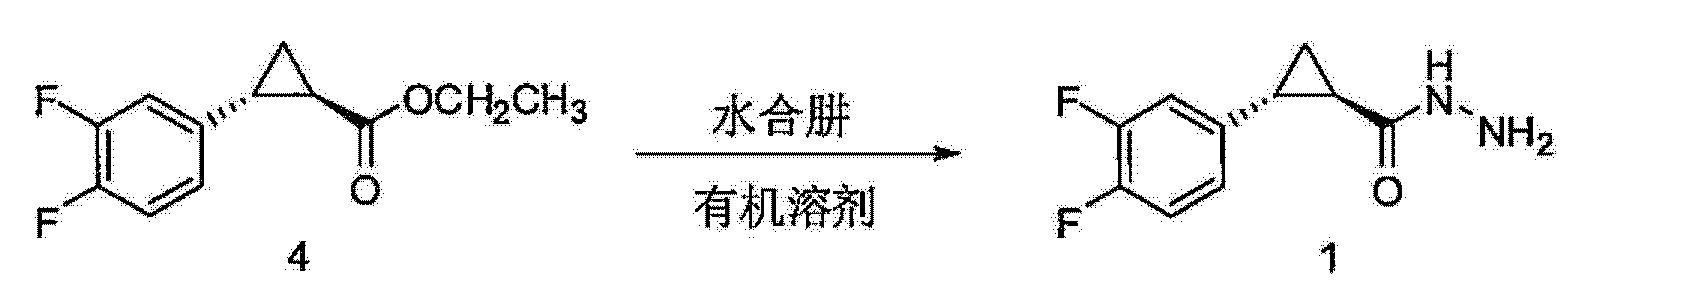 Figure CN103588674BD00056